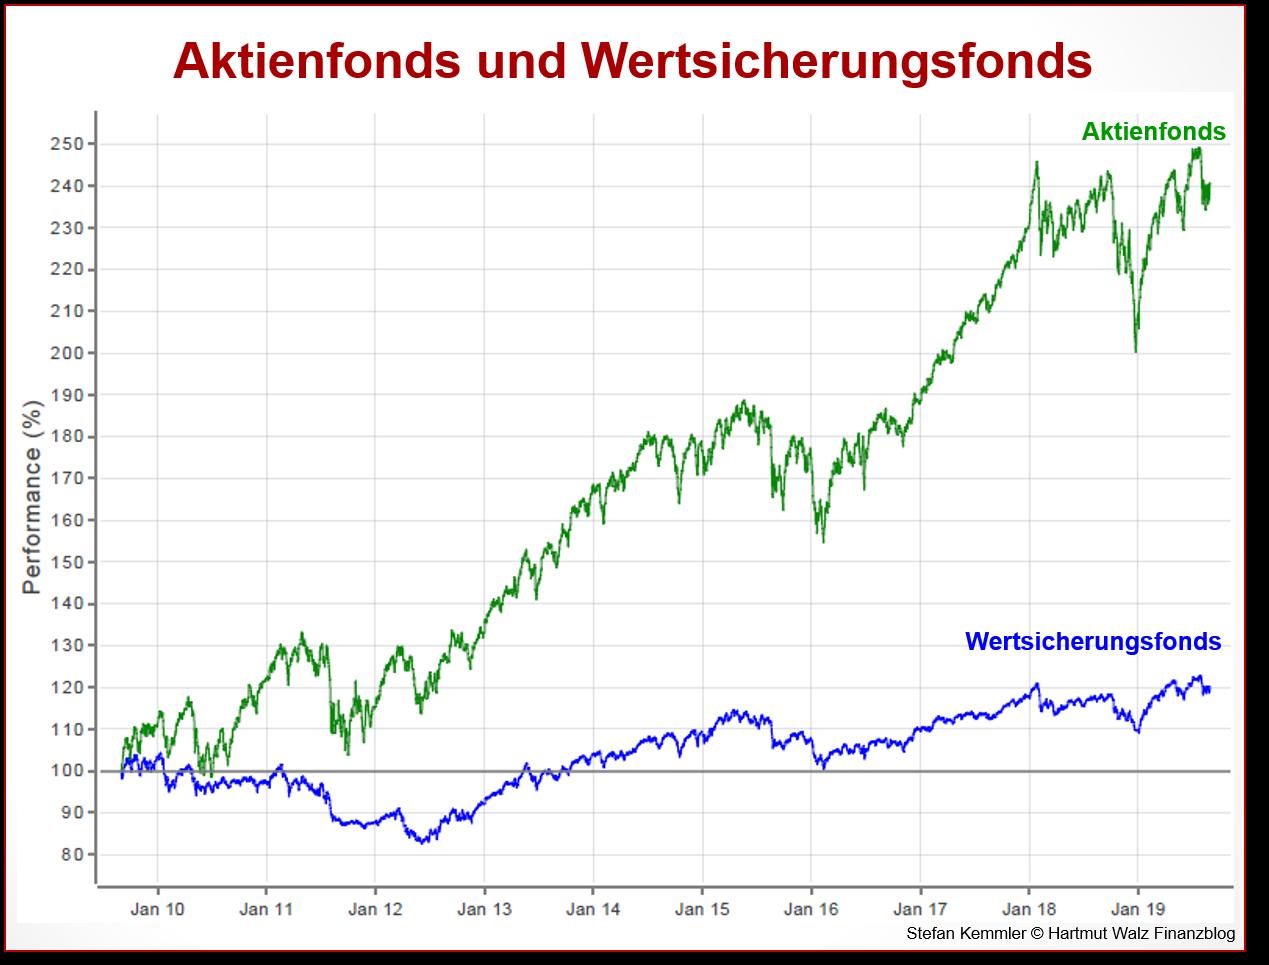 Aktienfonds und Wertsicherungsfonds